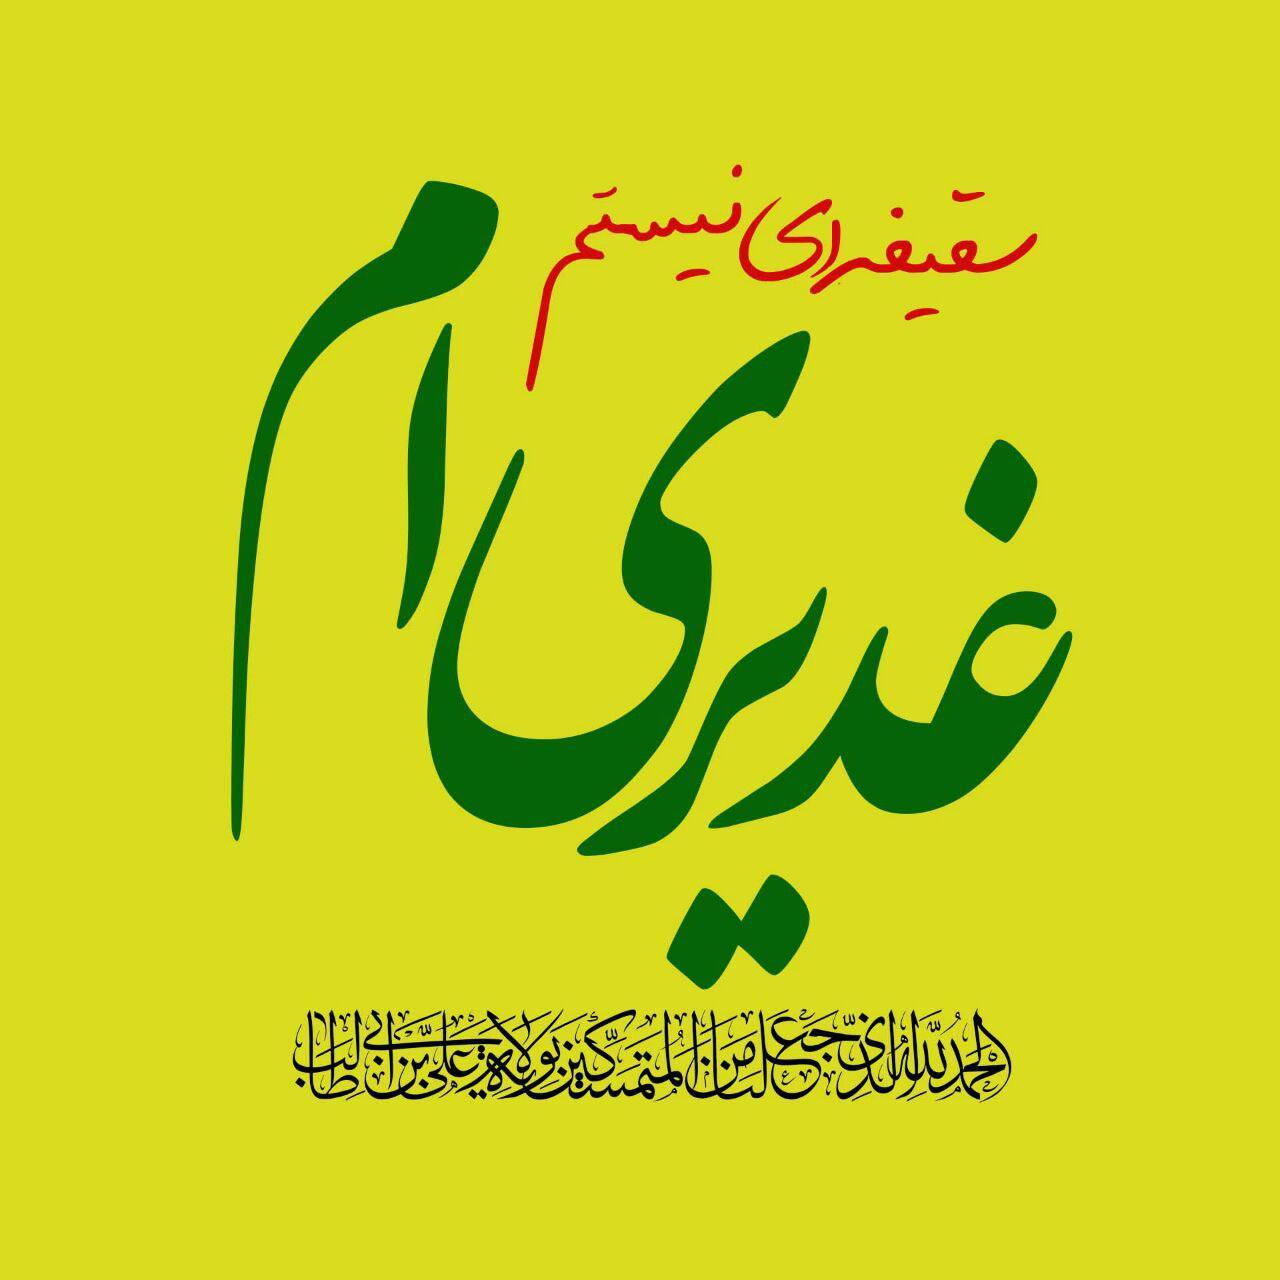 photo 2018 08 22 14 02 44 - عکس پروفایل عید غدیر